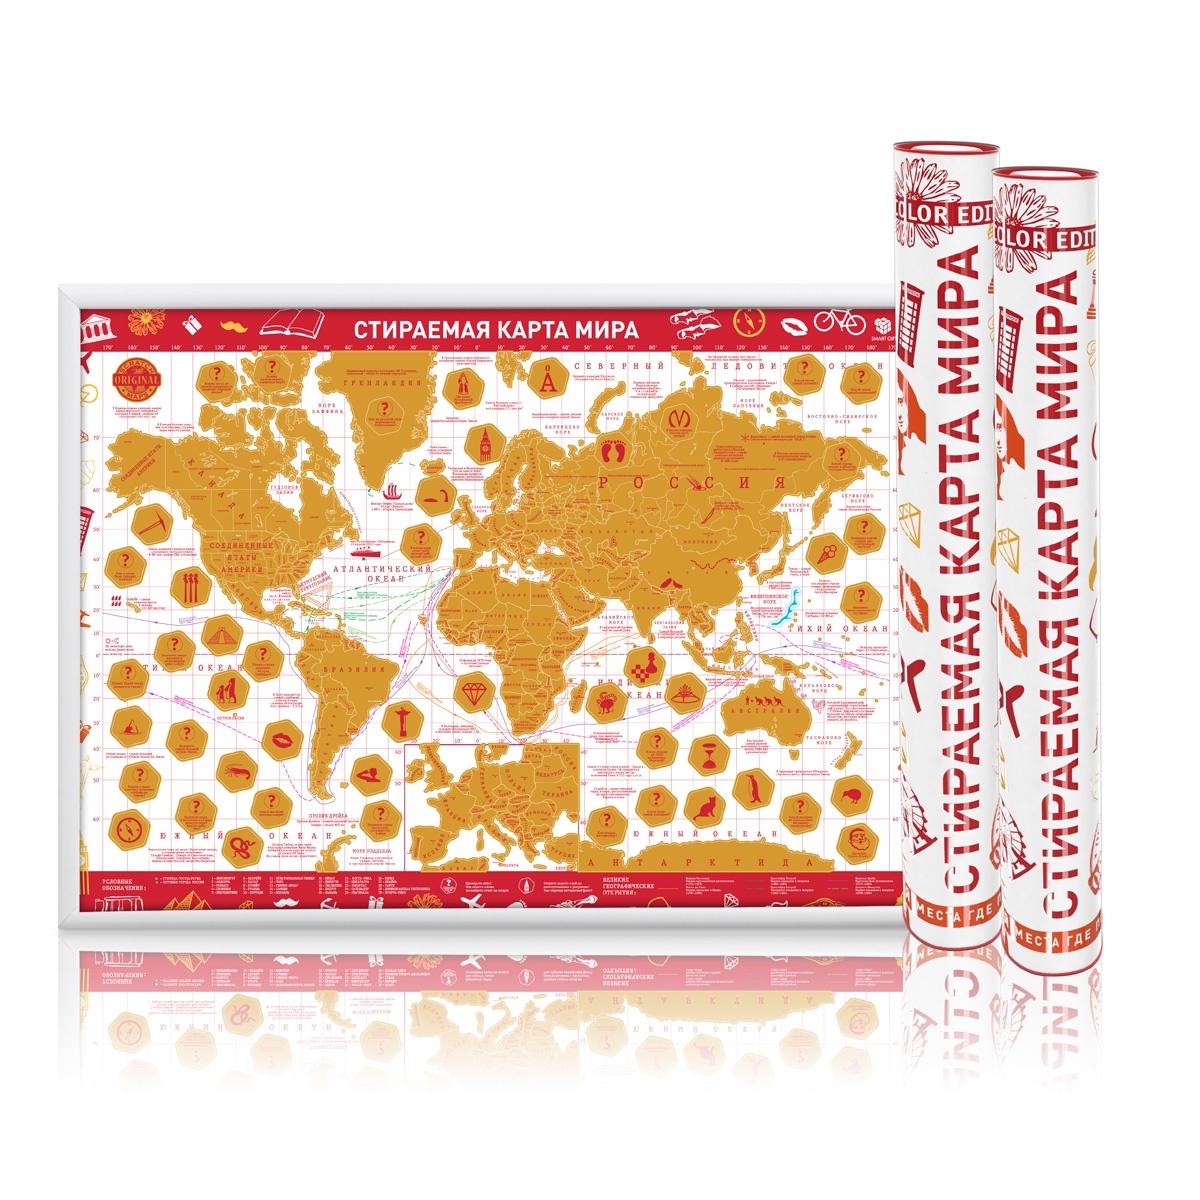 Скретч-карта мира NEW Color Edition красная, А2, 59х42см, в прочном цилиндрическом тубусе. карта карта мира для детей в картонном тубусе